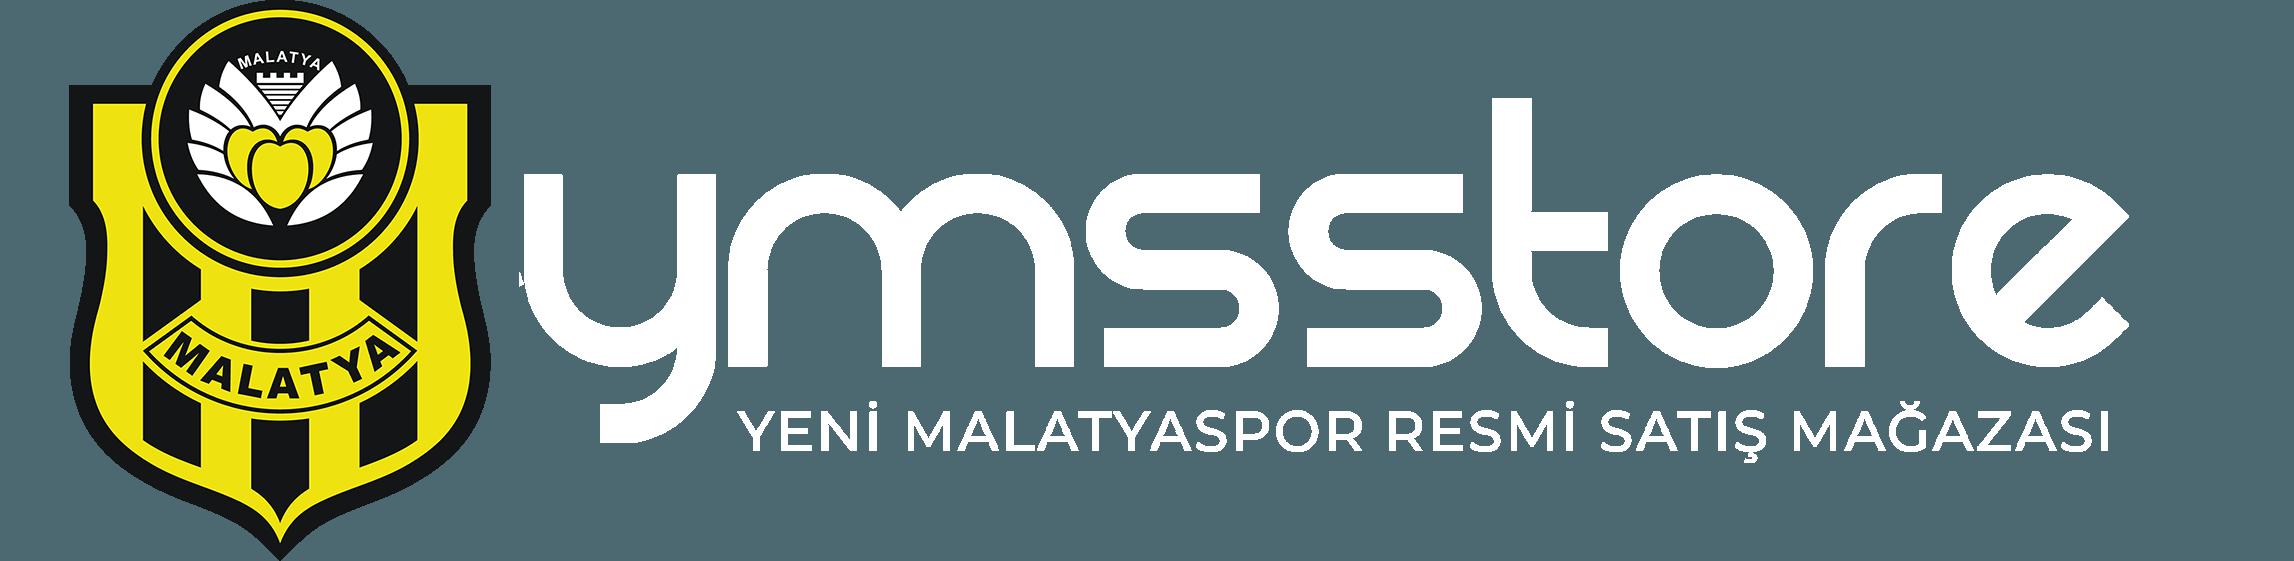 Yeni Malatyaspor Resmi Satış Mağazası